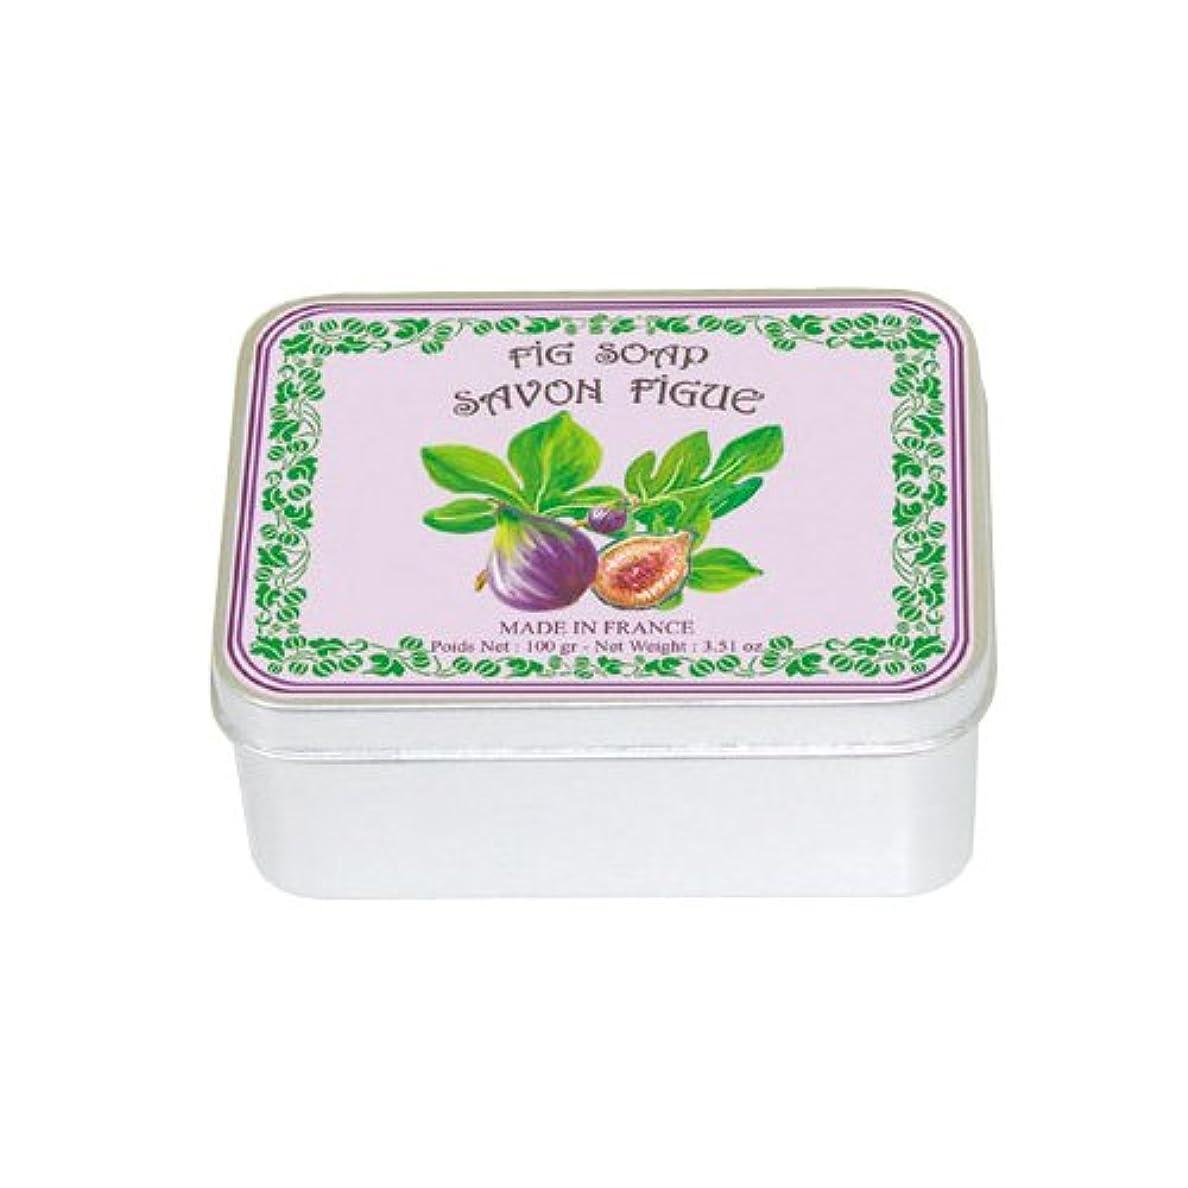 マウスピース内訳グラフルブランソープ メタルボックス(イチジクの香り)石鹸